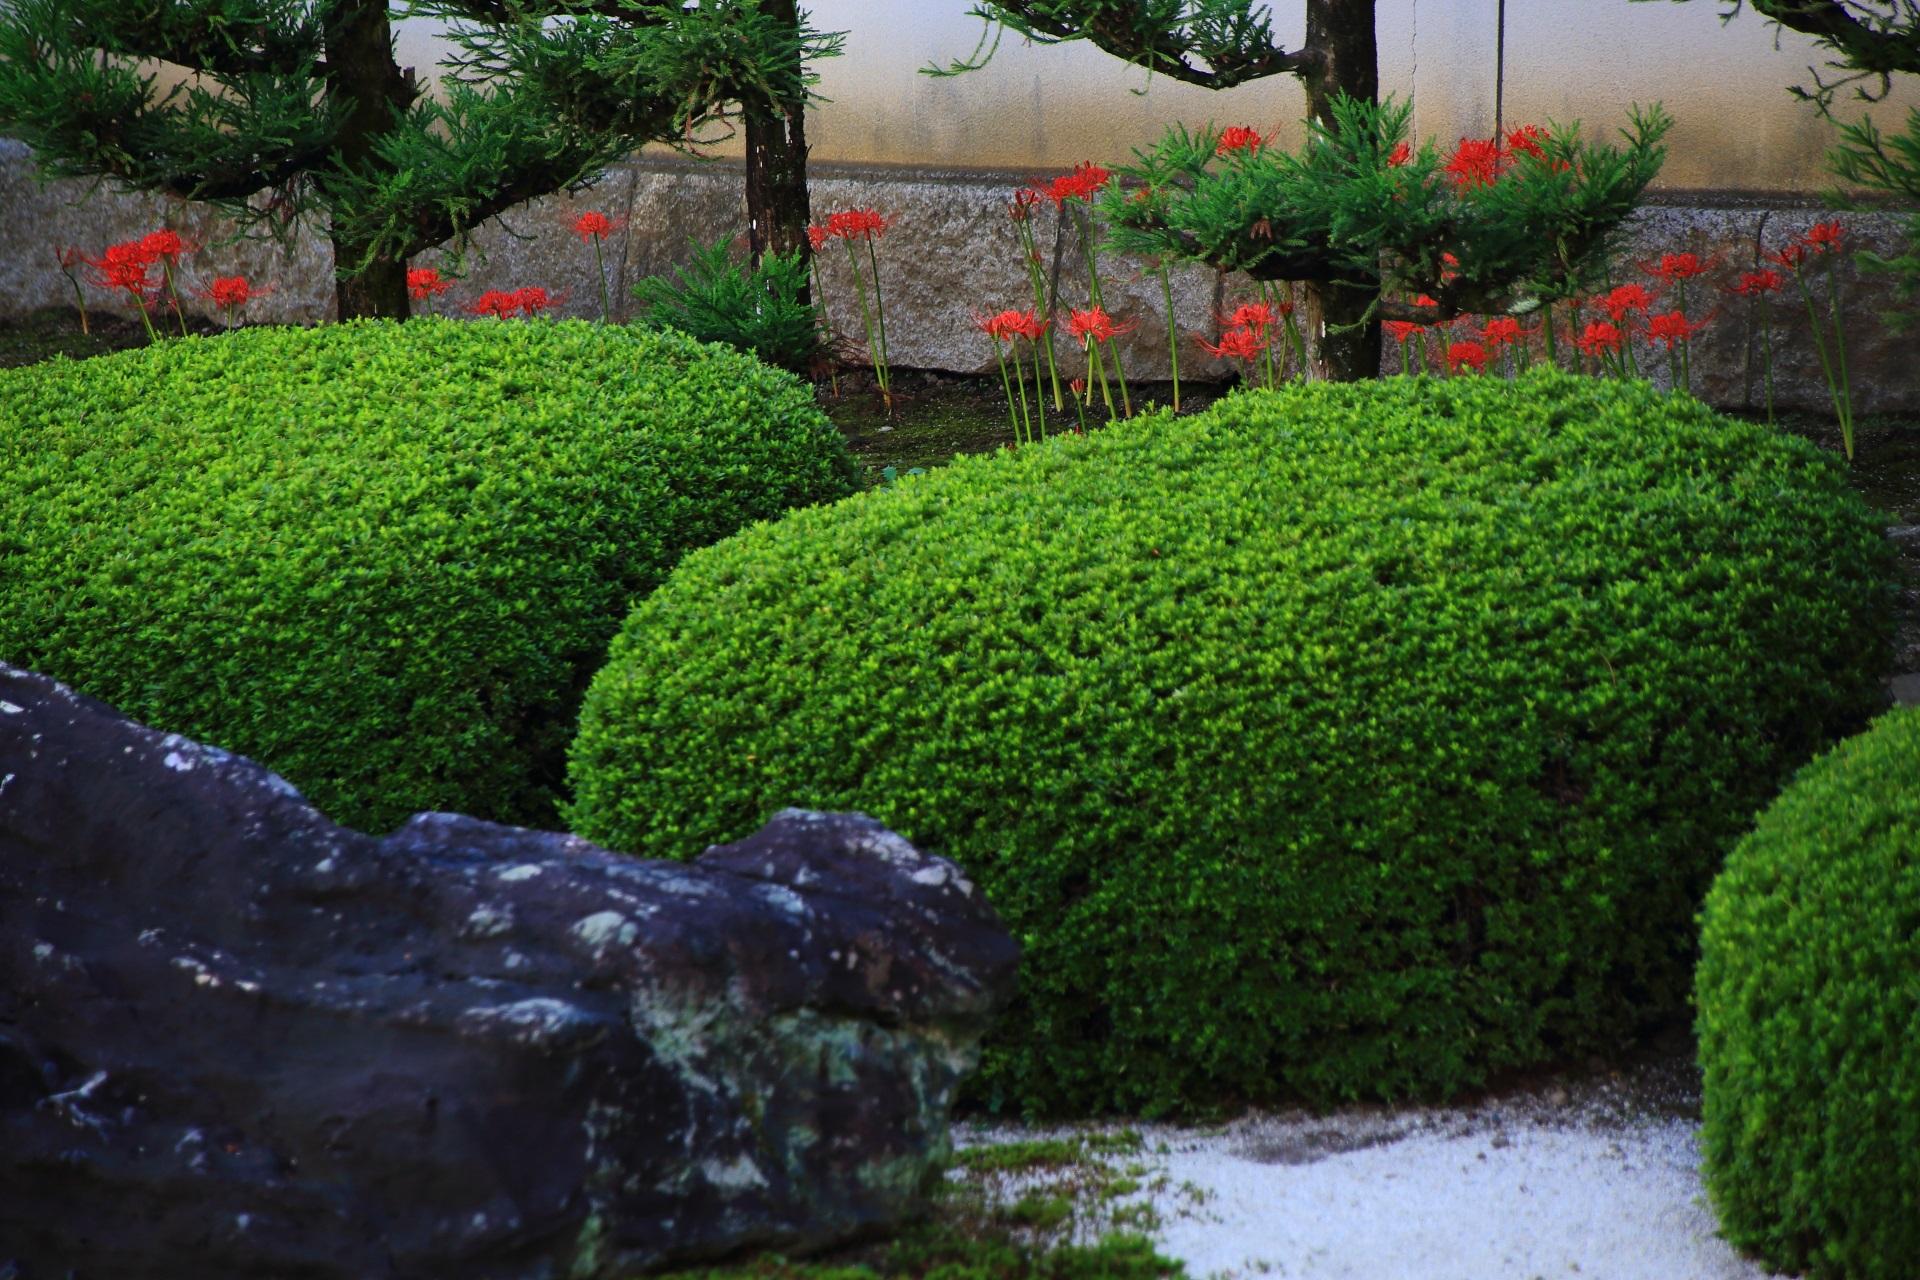 妙蓮寺の緑のサツキの刈り込みの後ろから顔を出す赤い彼岸花